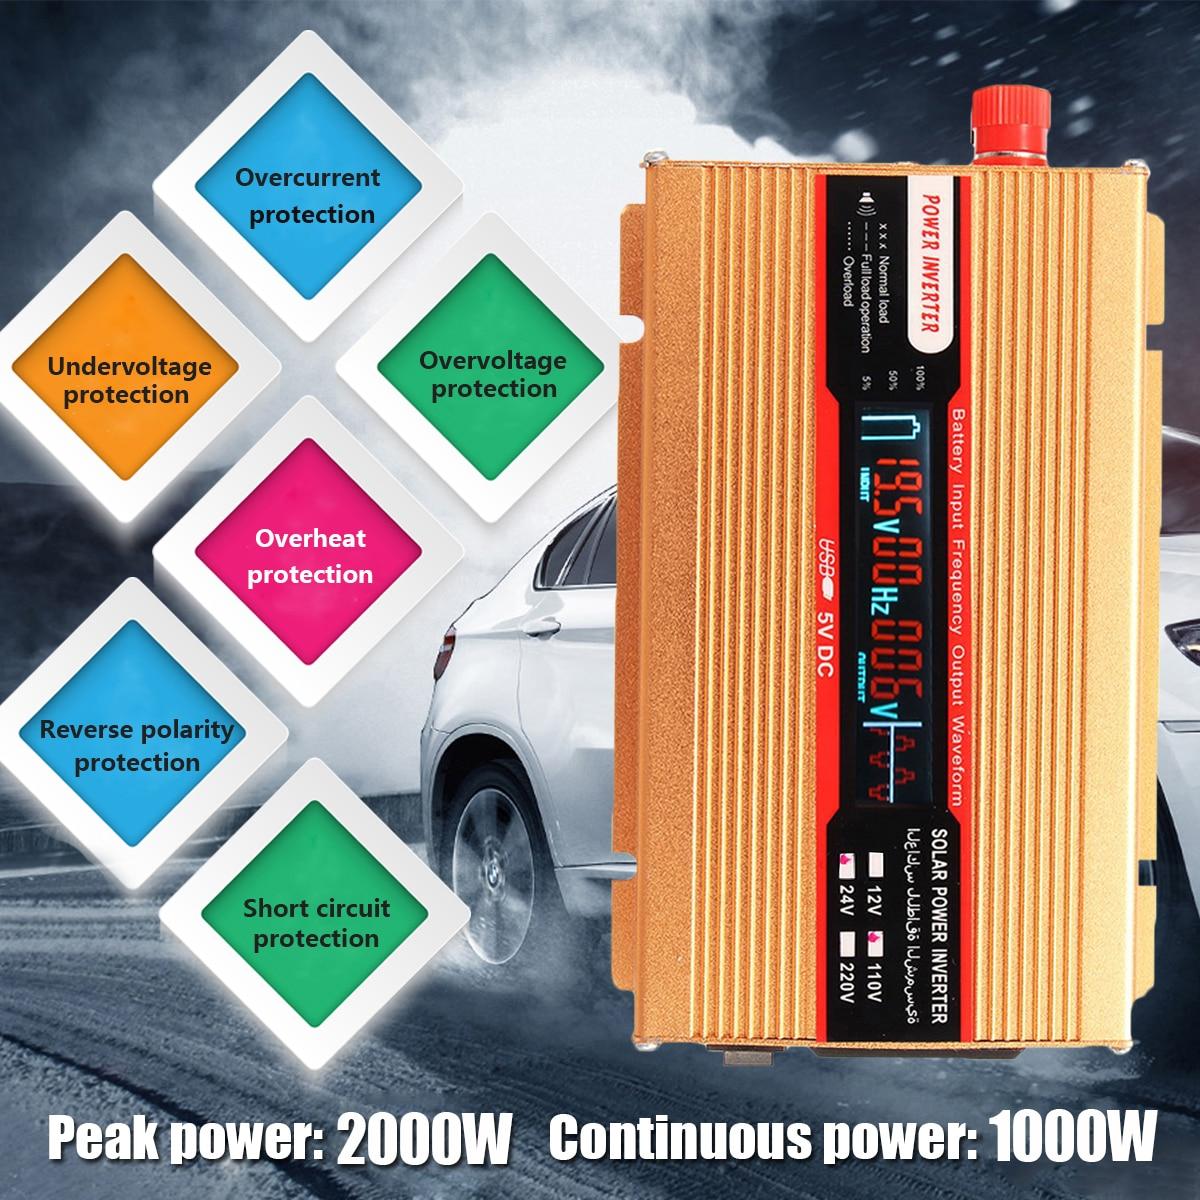 PEAK 2000W Voltage Transformer 12/24V To AC 220/110V Car Power Inverter USB Modified Sine Wave Converter for Various Appliances peak 5000w 12 24v to ac 220 110v car power inverter usb modified sine wave converter voltage transformer for various appliances